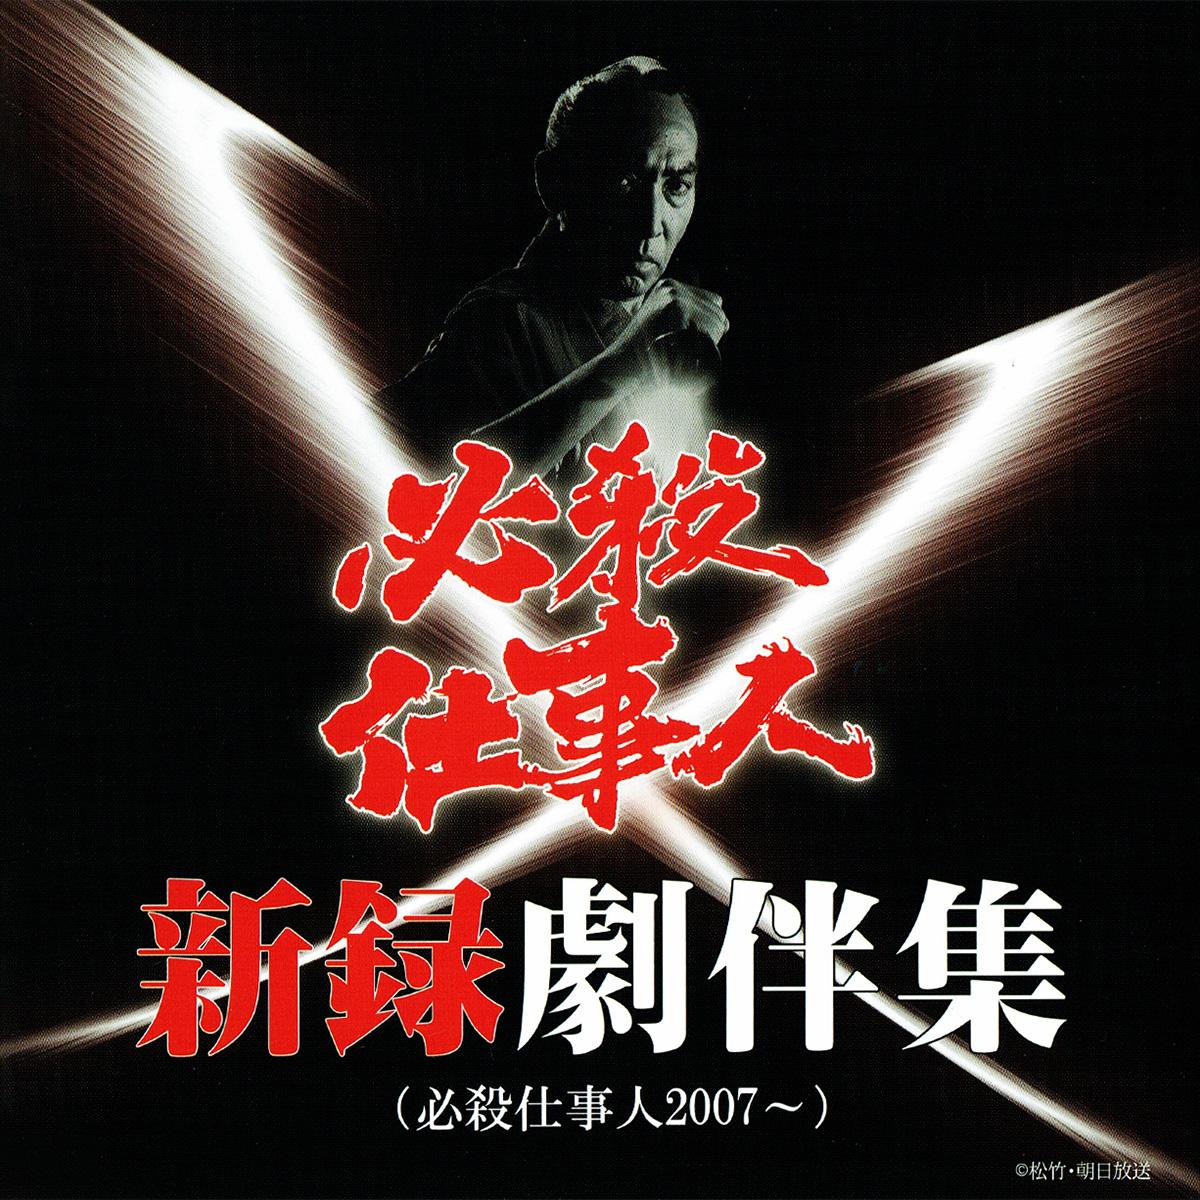 平尾昌晃さんのアルバムで演奏